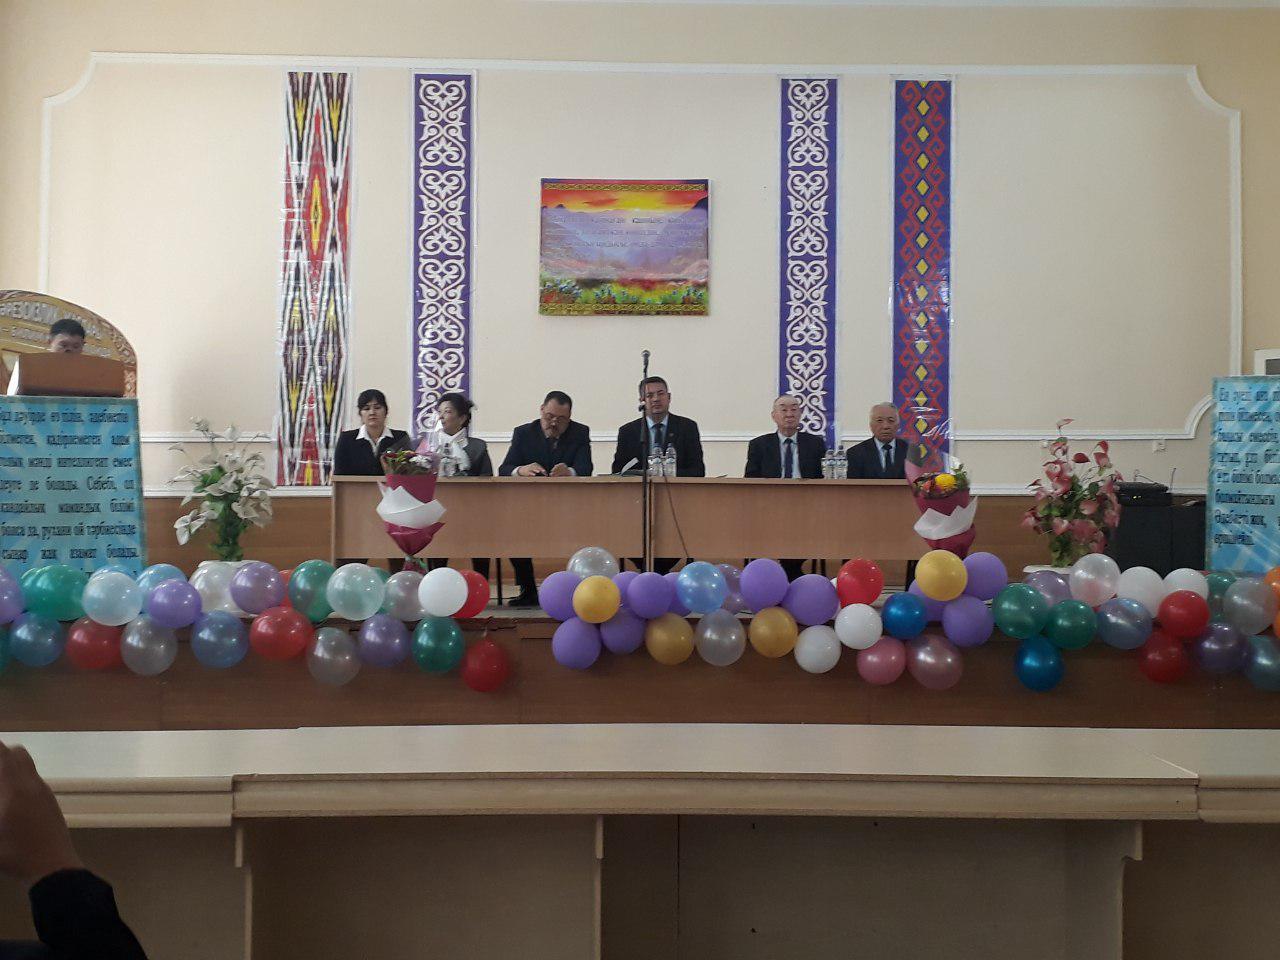 photo 2019 10 30 13 44 04 - ,,Ана тилим-тирлигимниң айғағы,, атамасында илимий-әмелий конференция болып өтти